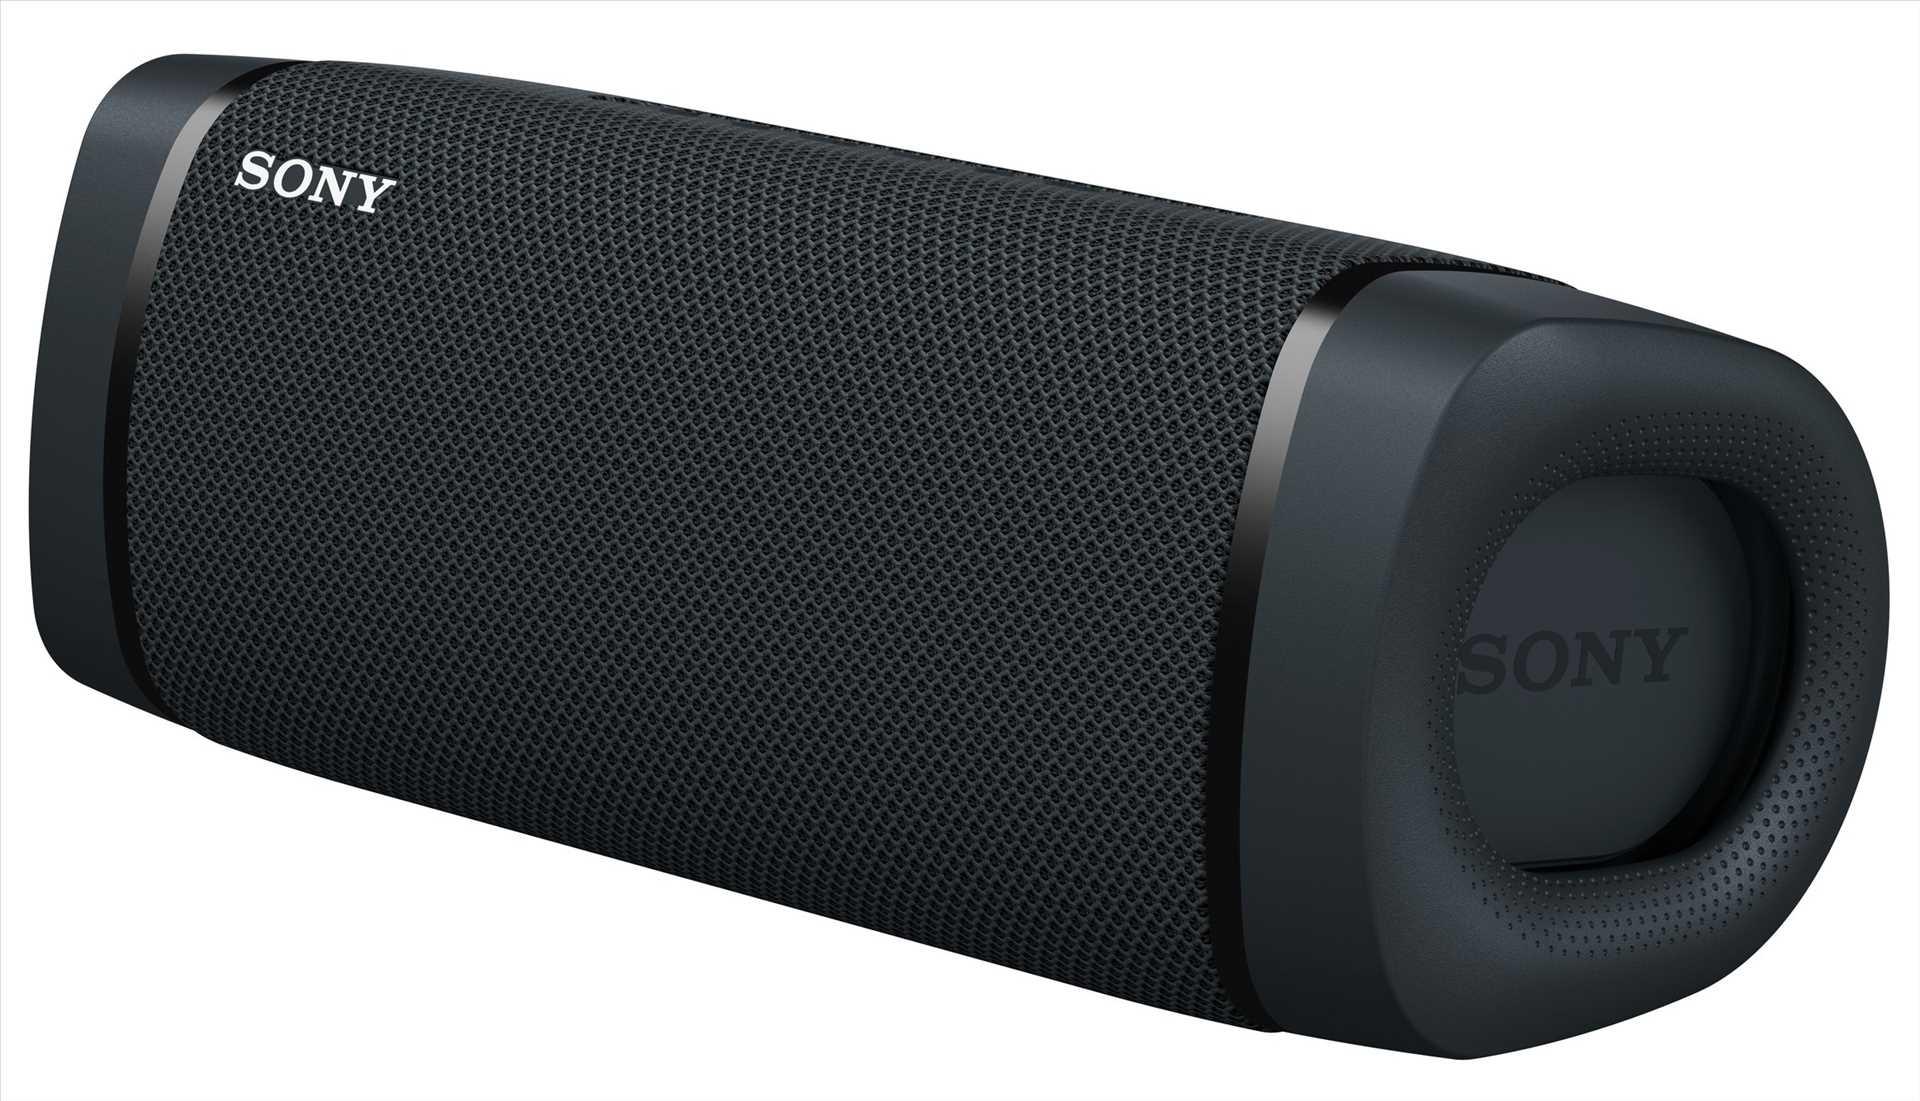 רמקול נייד סוני שחור SONY SRS-XB33B סוני - תמונה 3